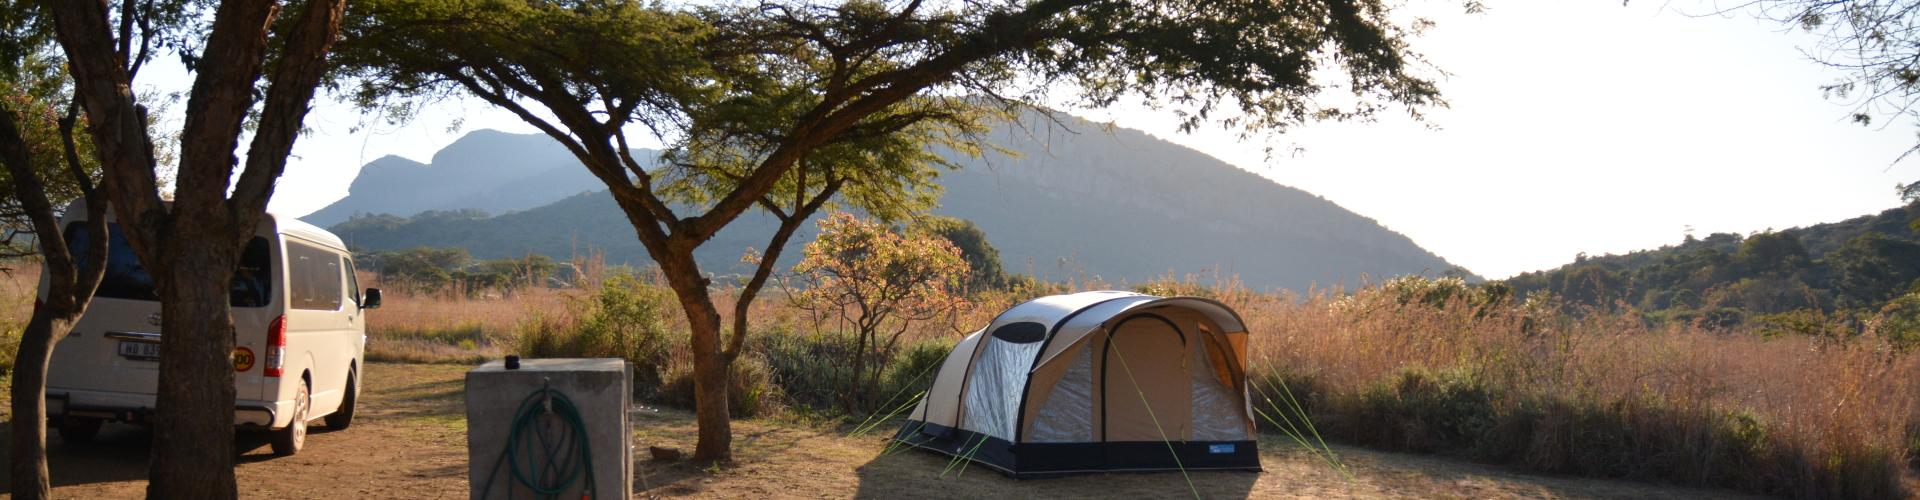 camping-zvakanaka-1